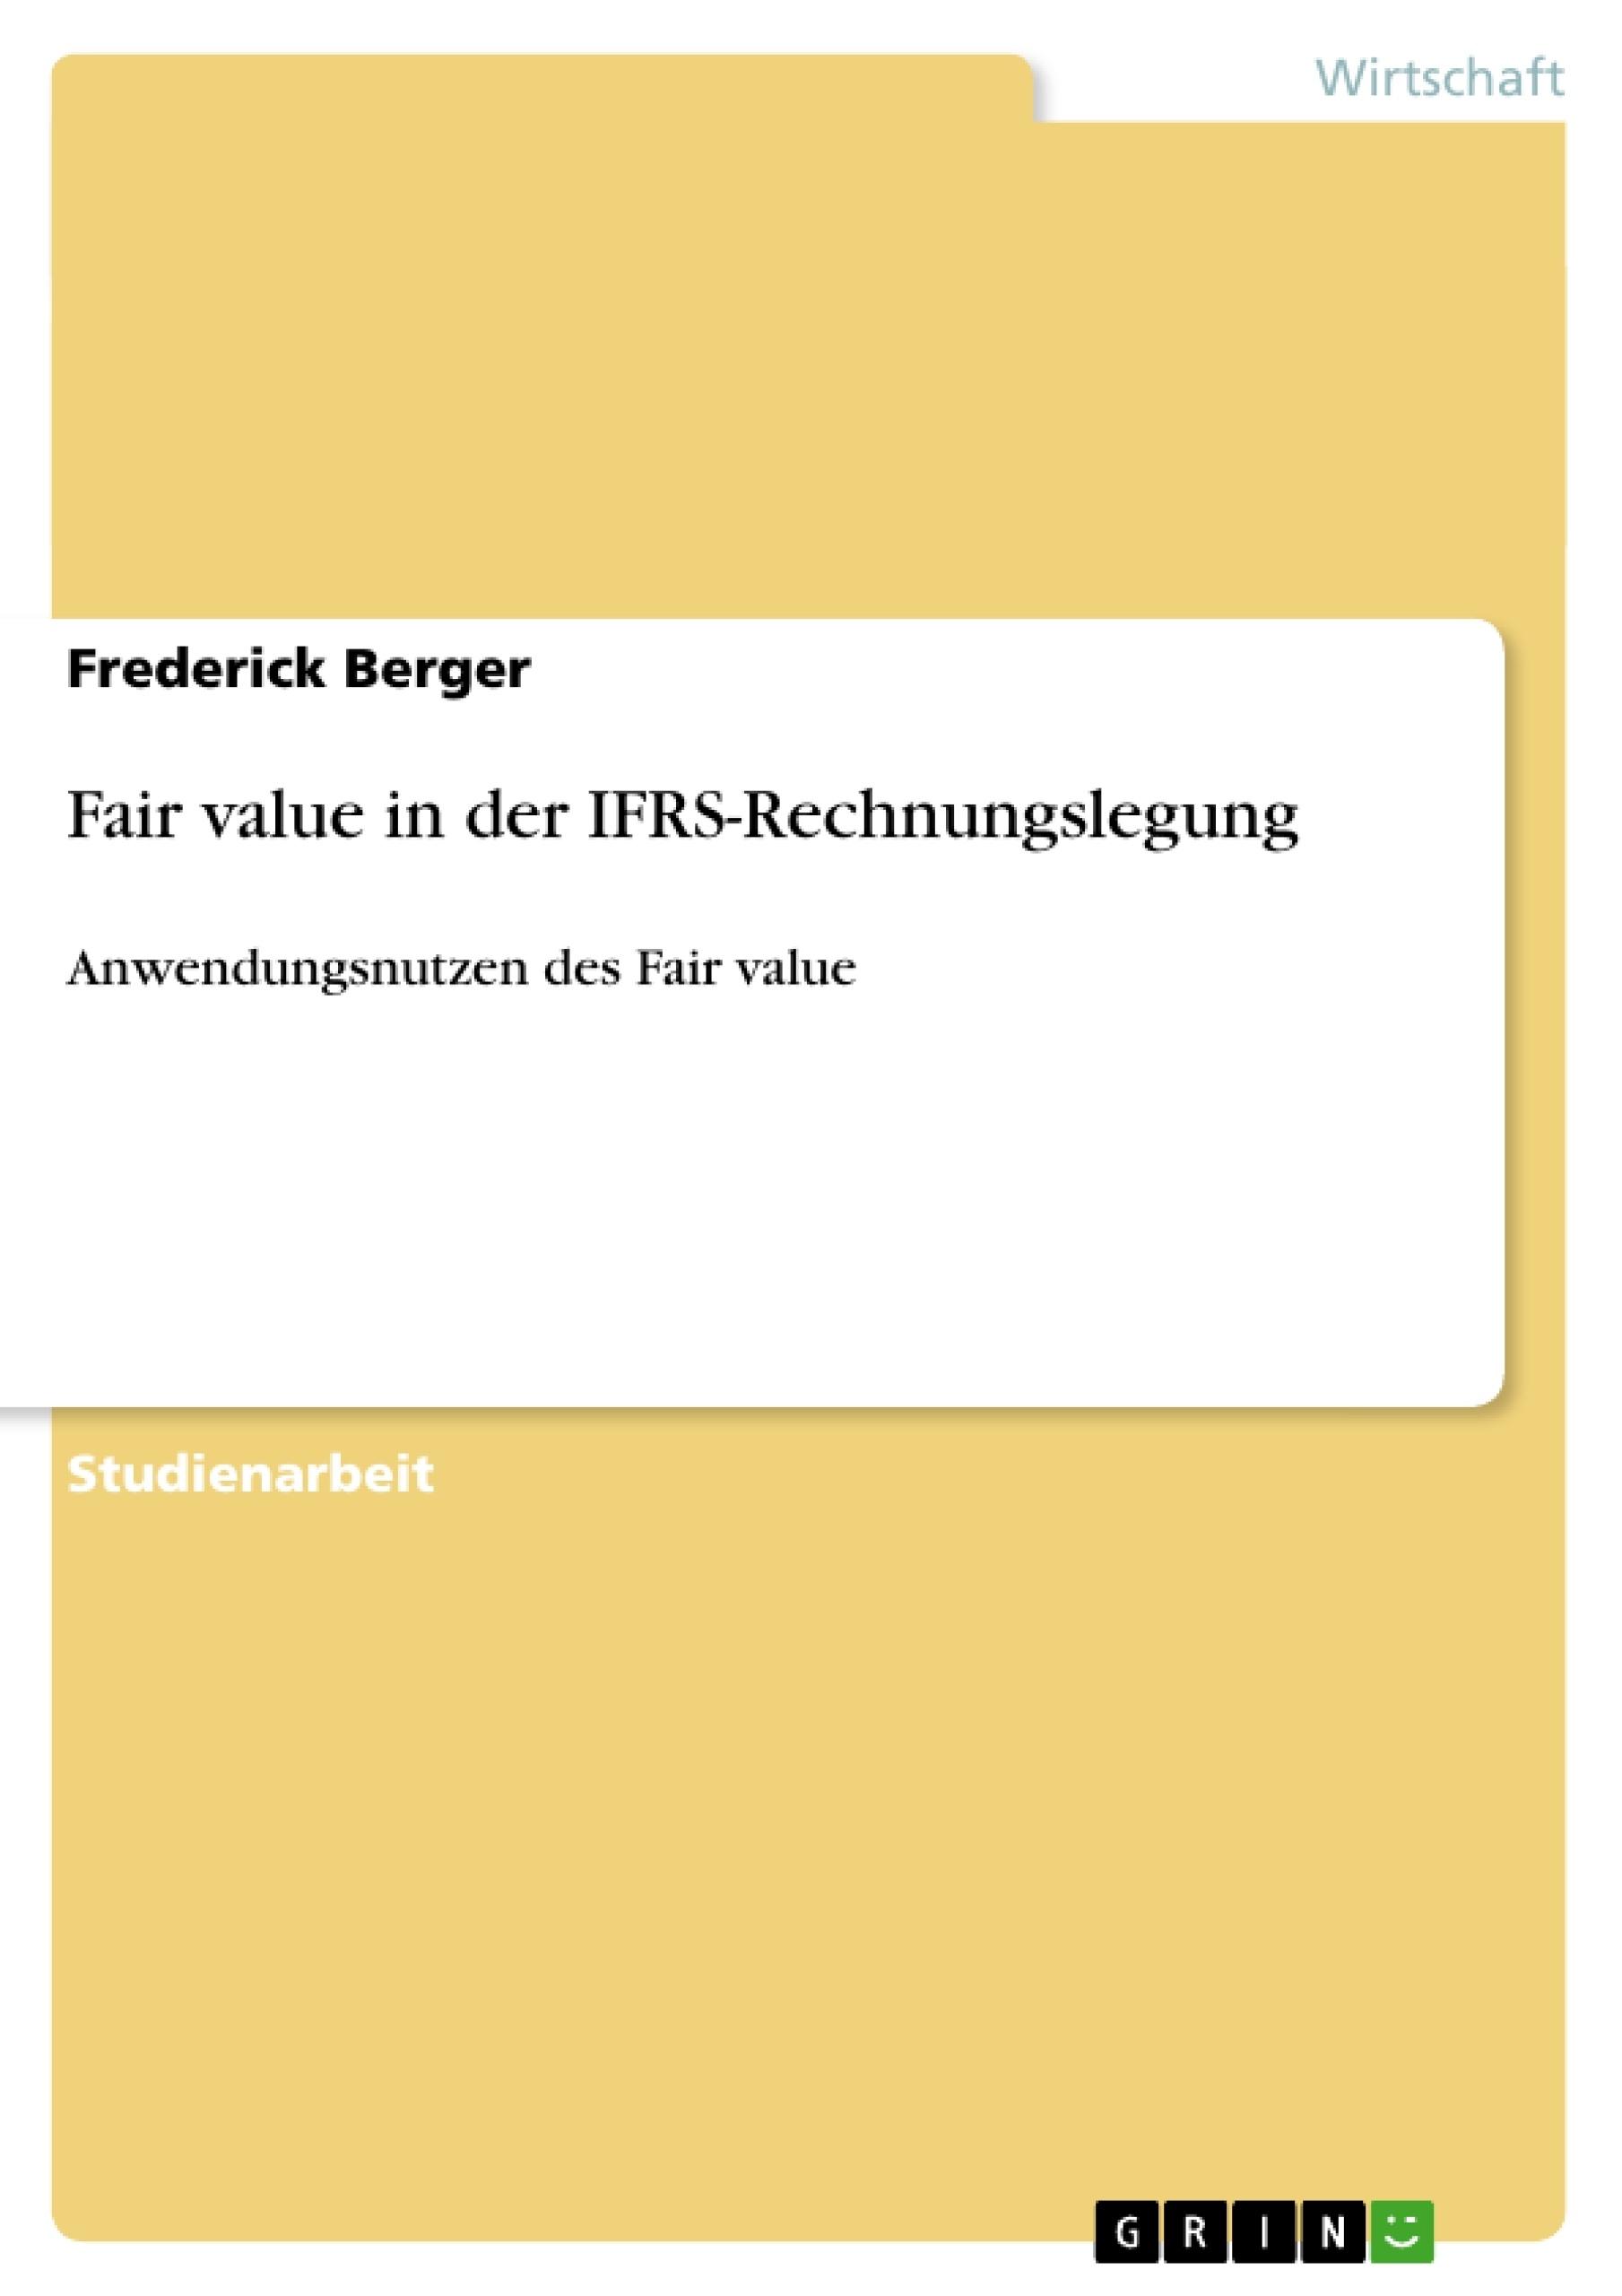 Titel: Fair value in der IFRS-Rechnungslegung